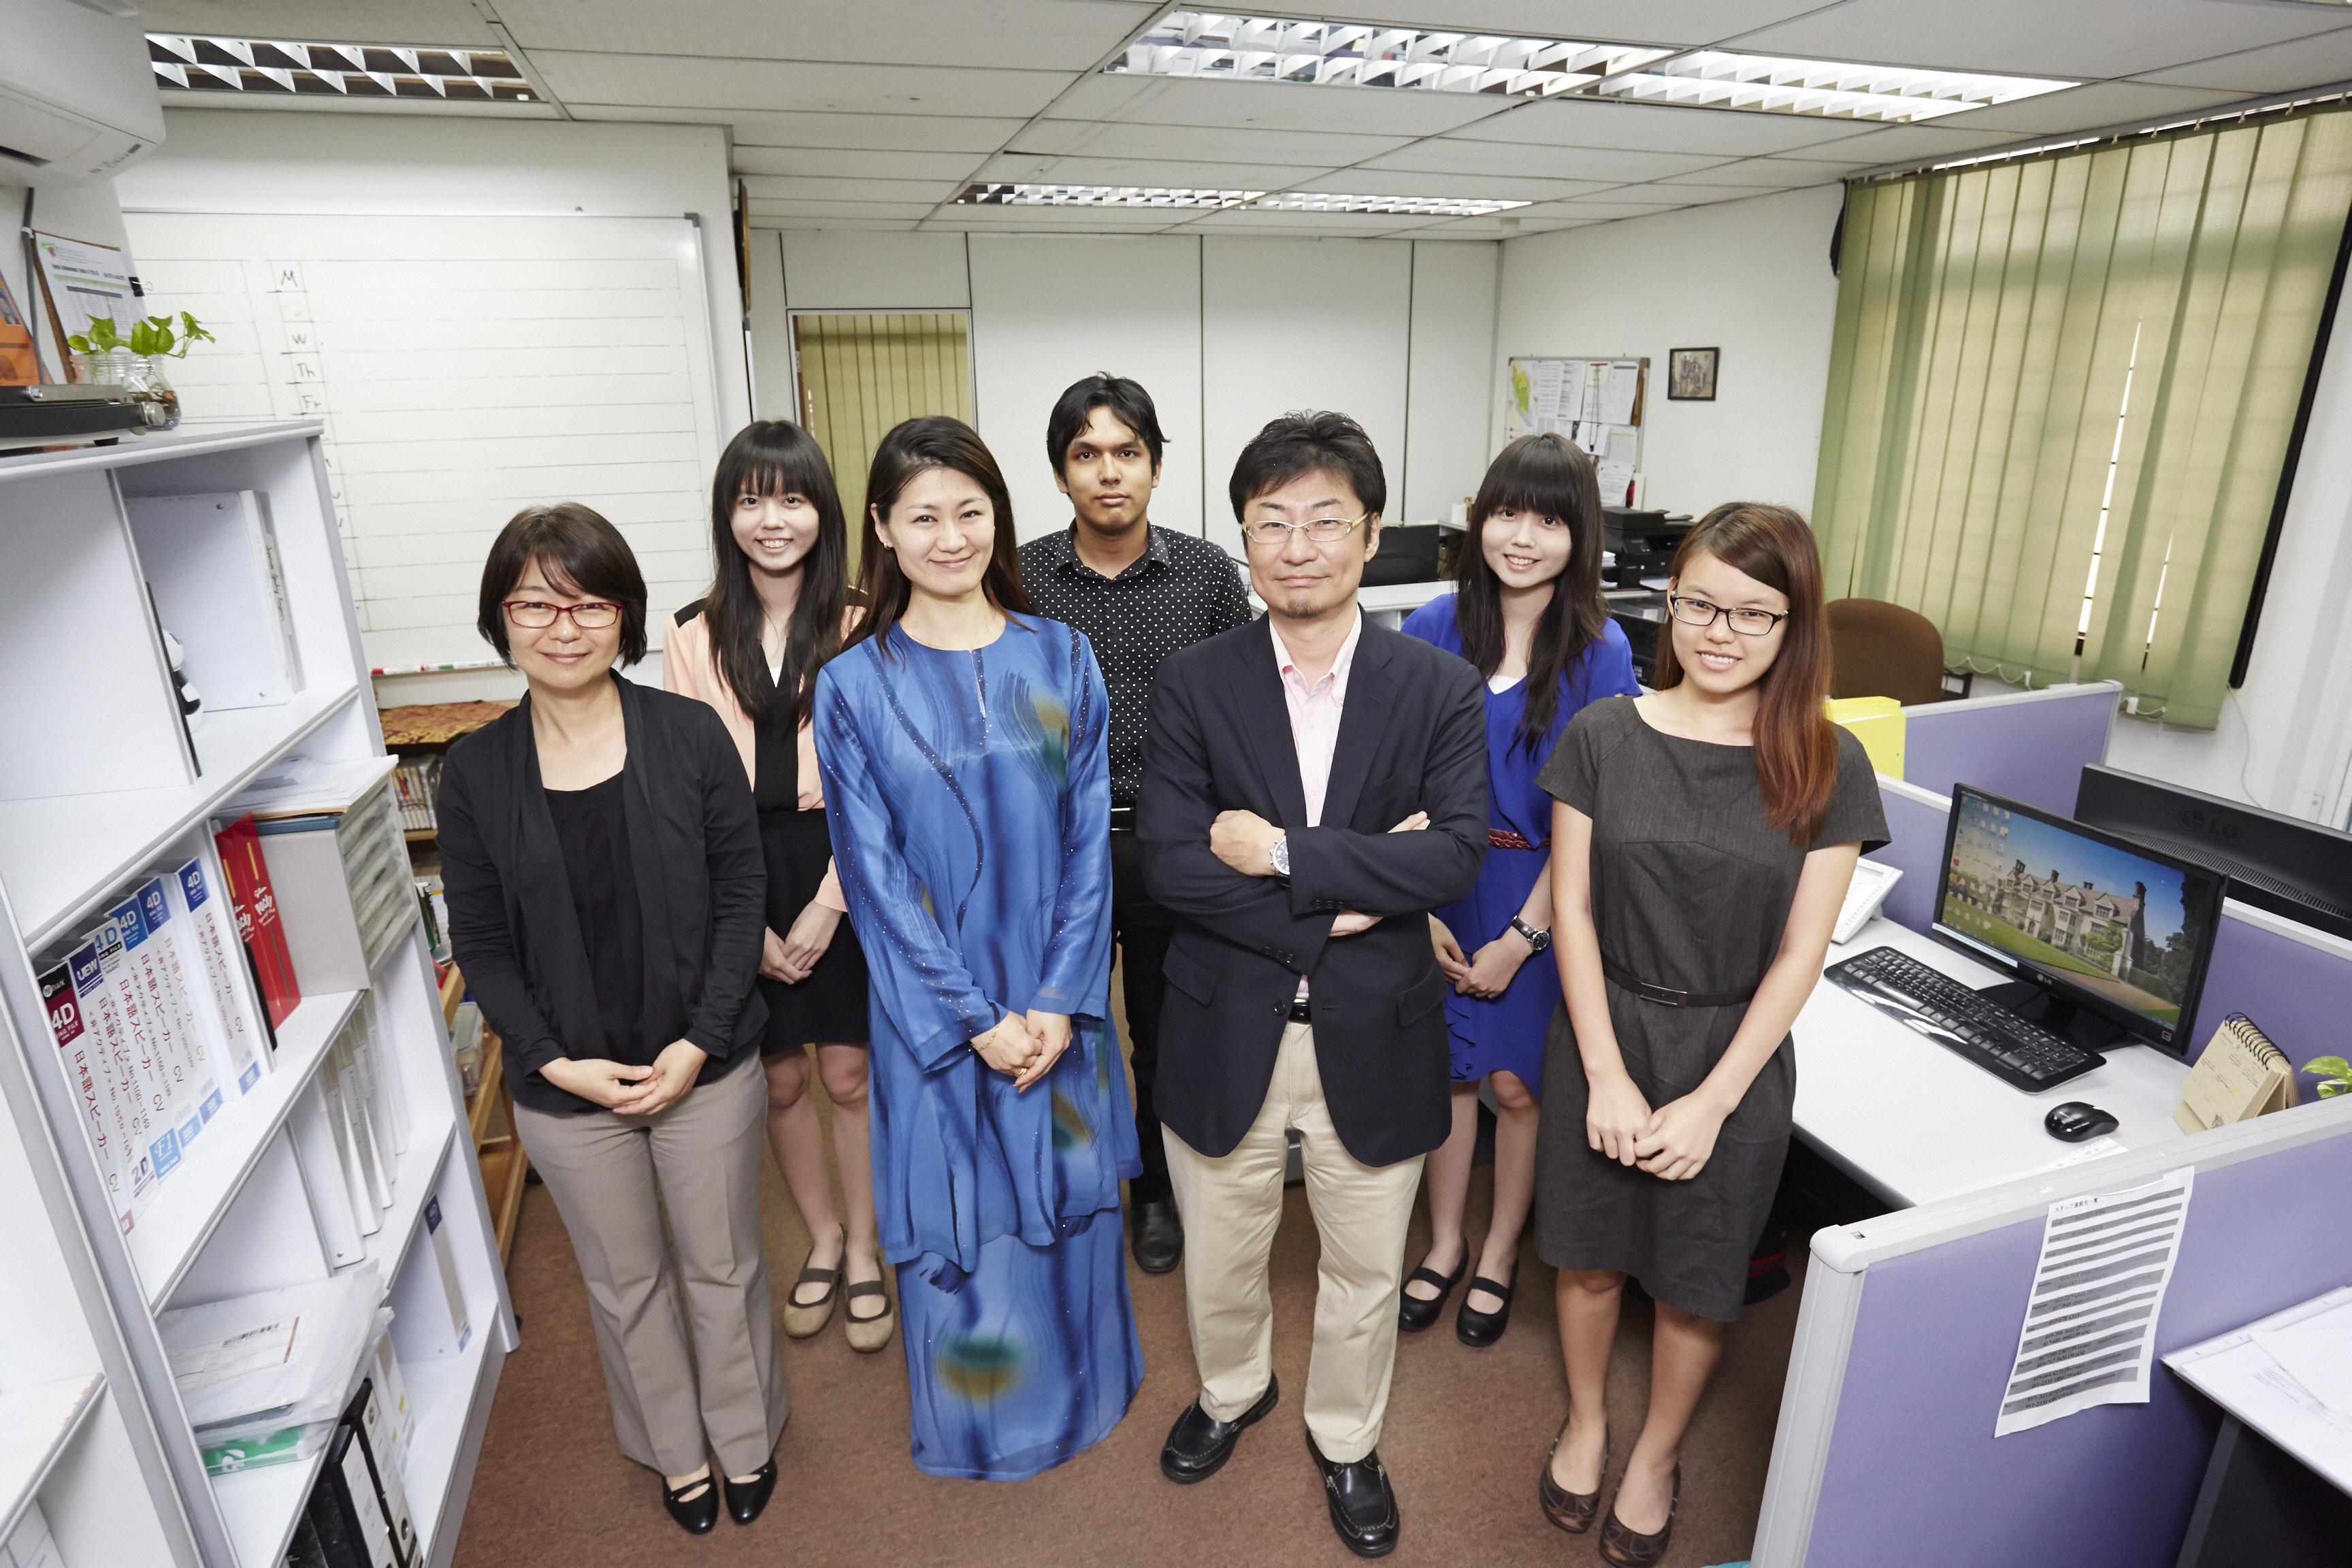 マレーシアの転職エージェント 桜リクルート社 社内の様子